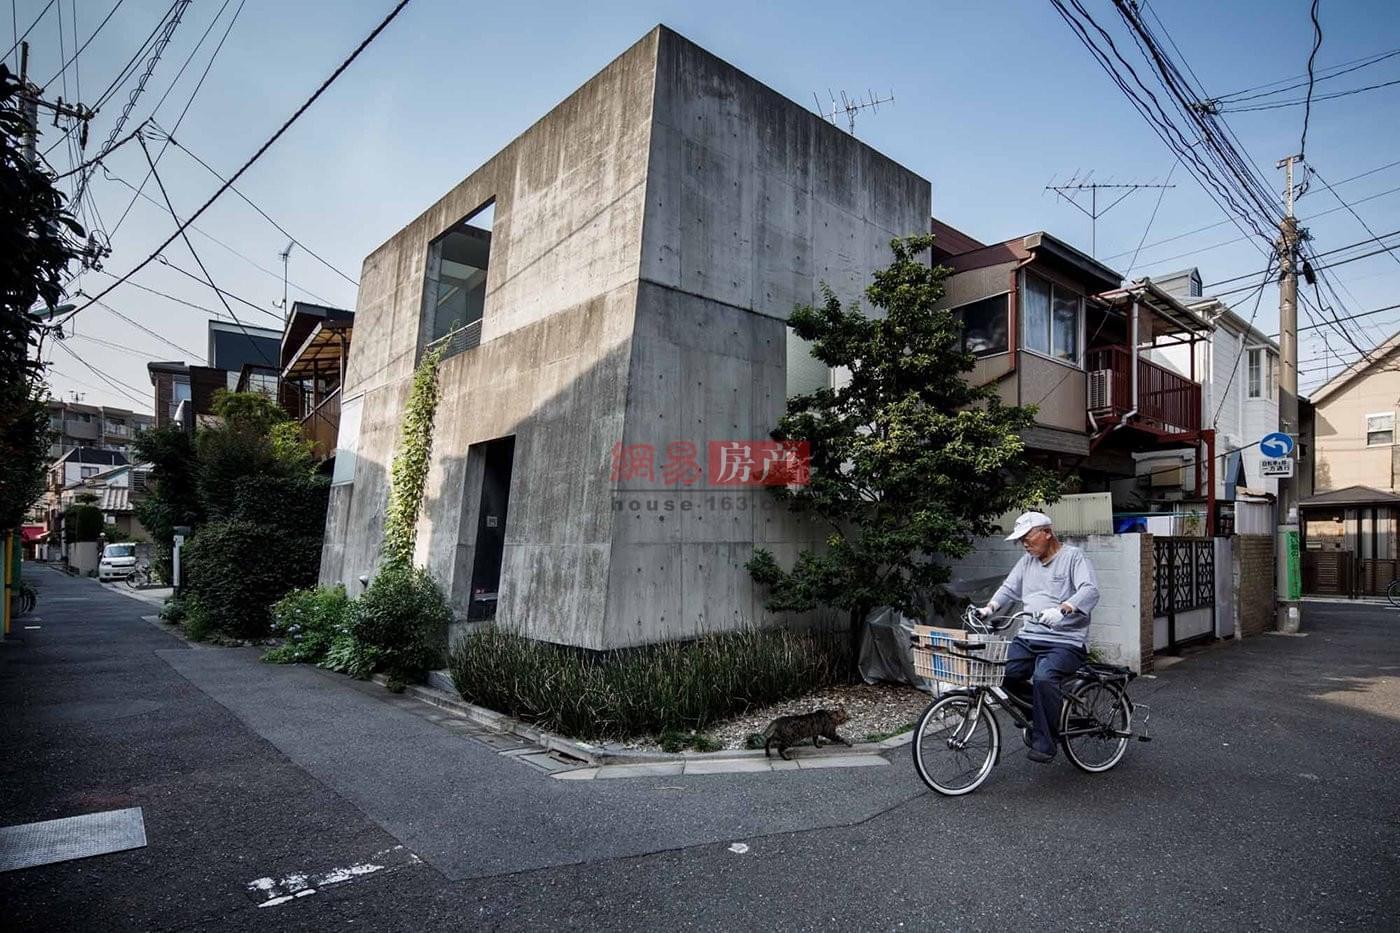 """日本人多地少 于是他们建了这些""""怪宅"""""""